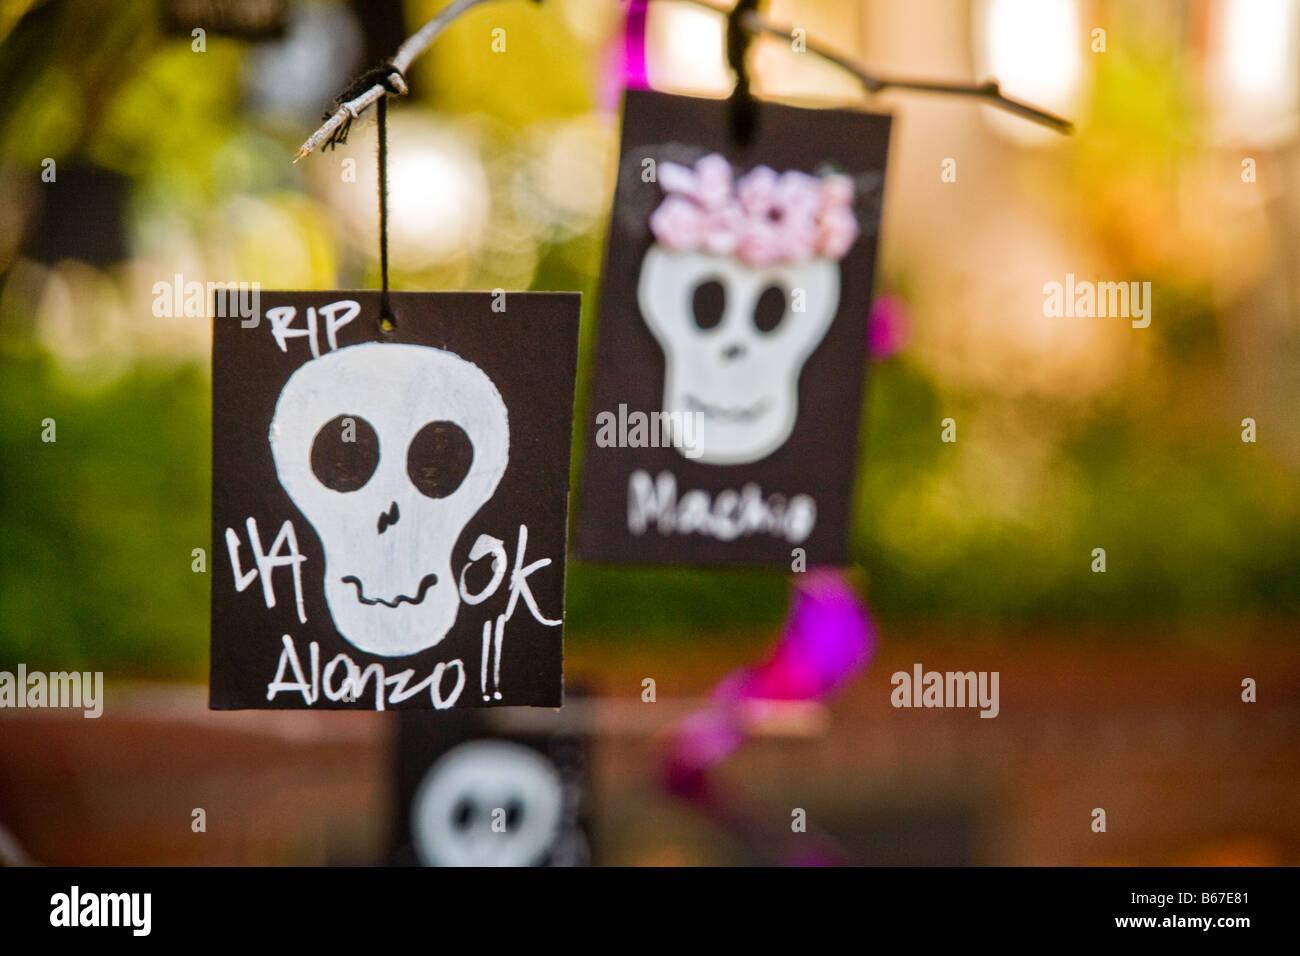 Karten Mit Totenkopf Bilder Feiern Den Tag Der Toten In Los Angeles